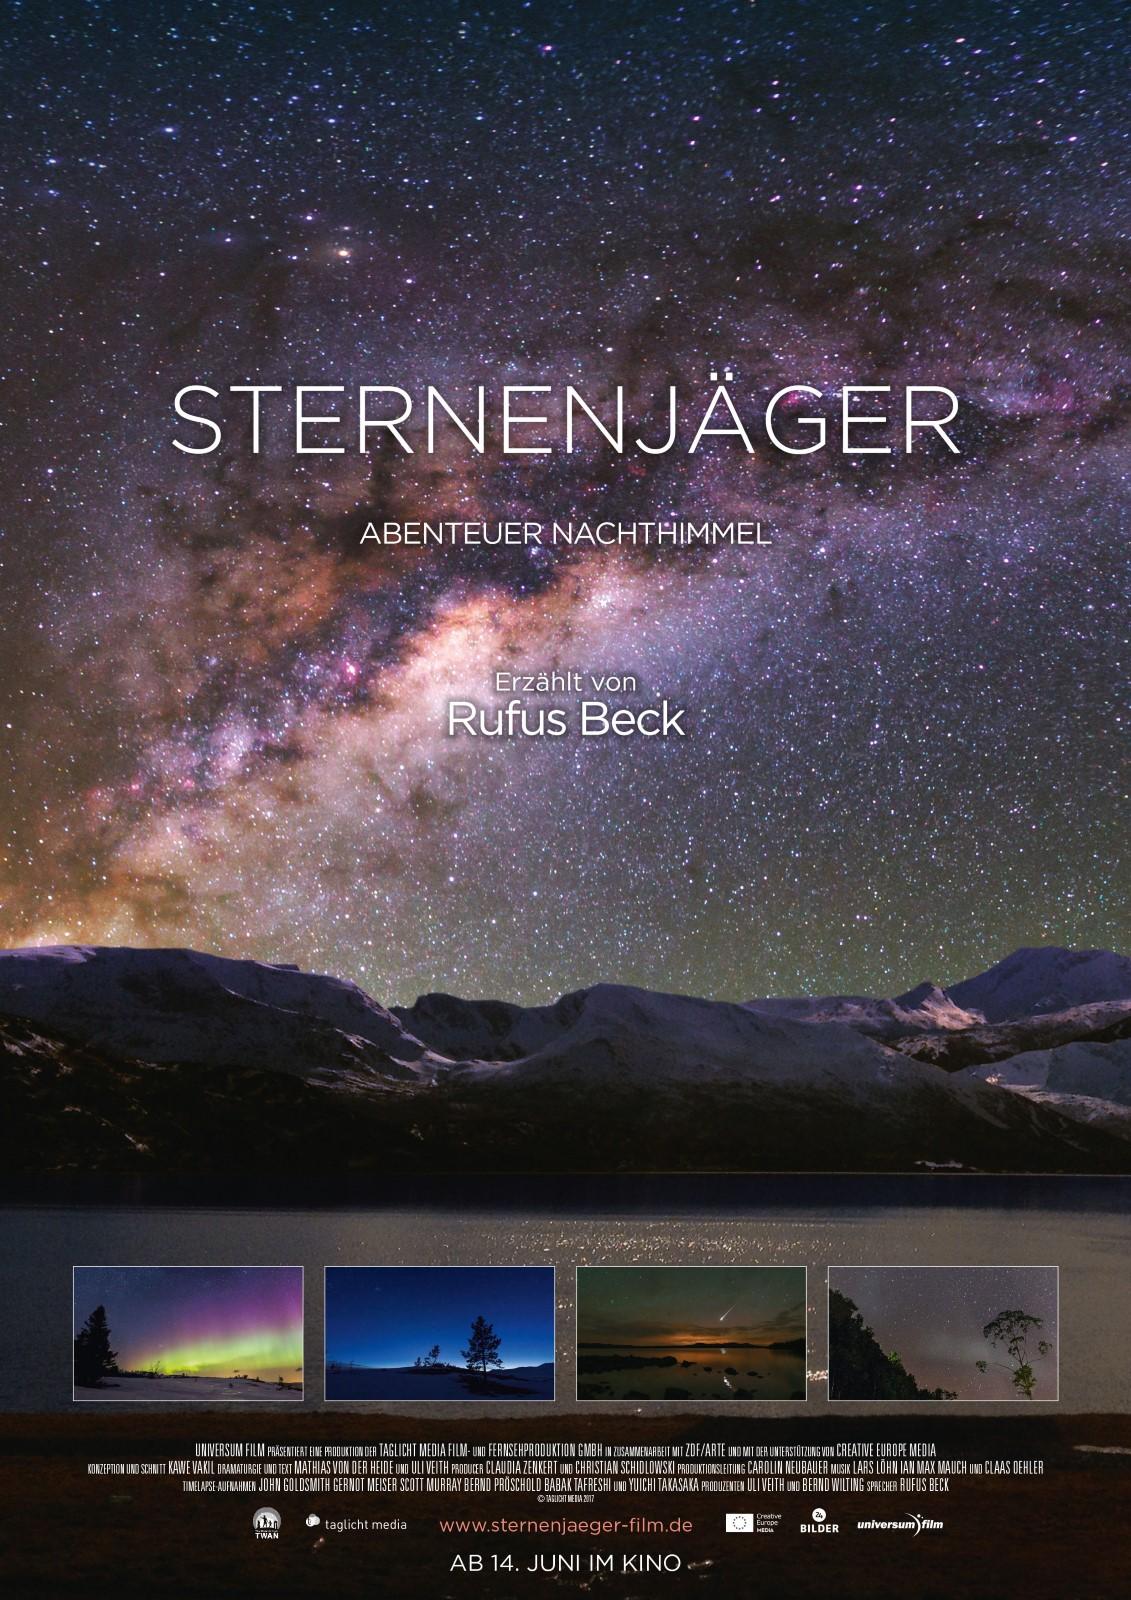 Sternenjäger - Abenteuer Nachthimmel jetzt legal online anschauen.